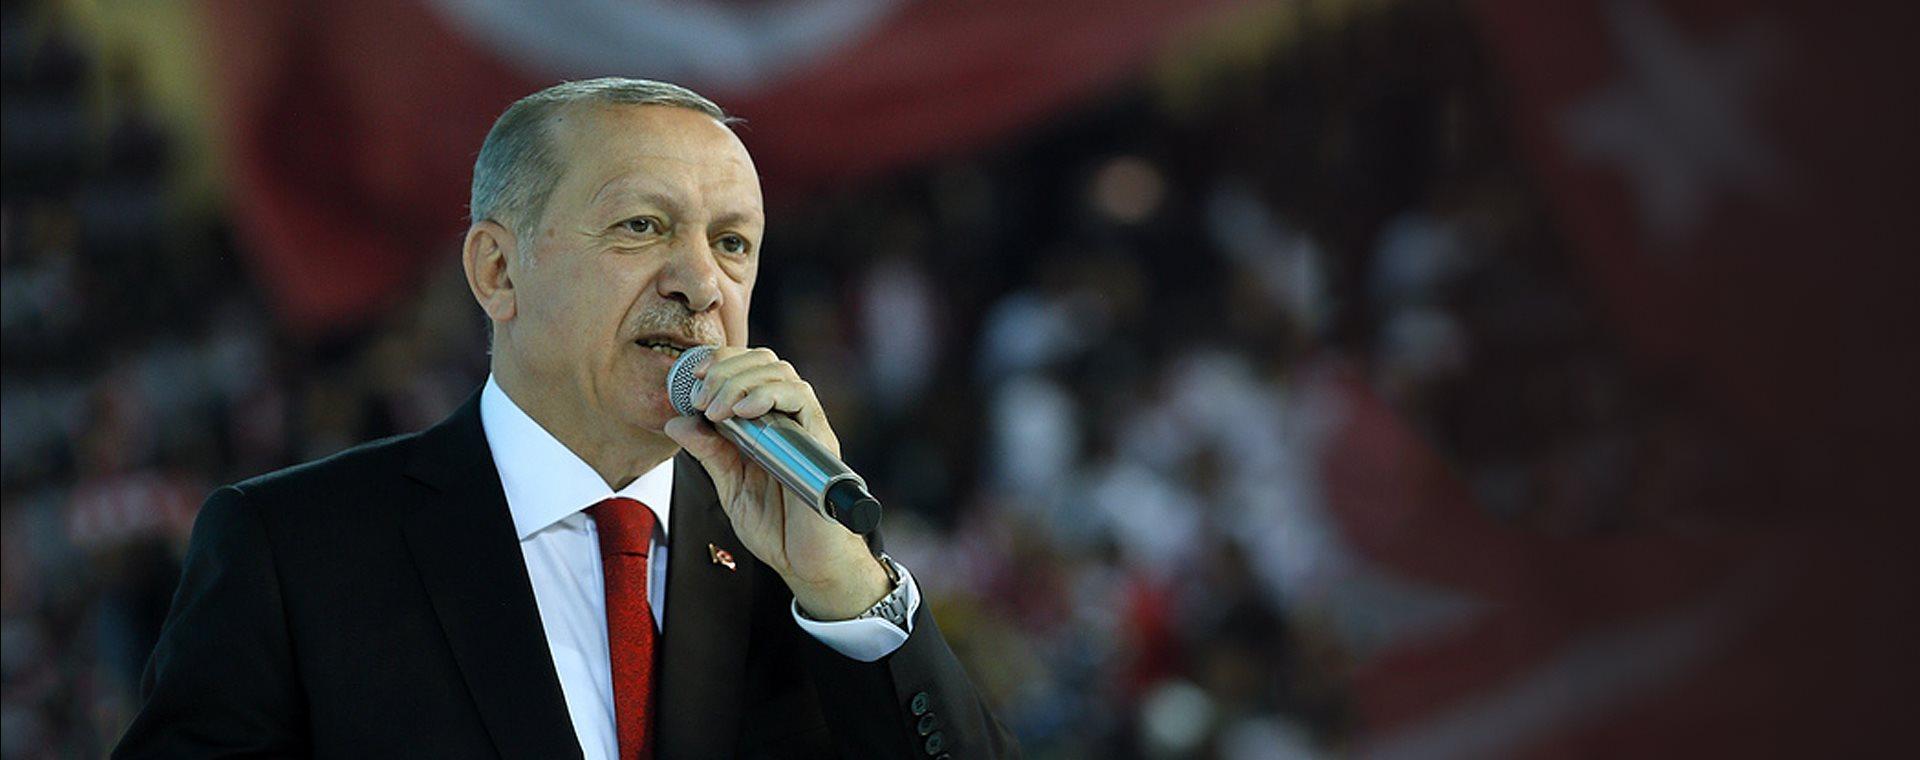 erdogan_main01